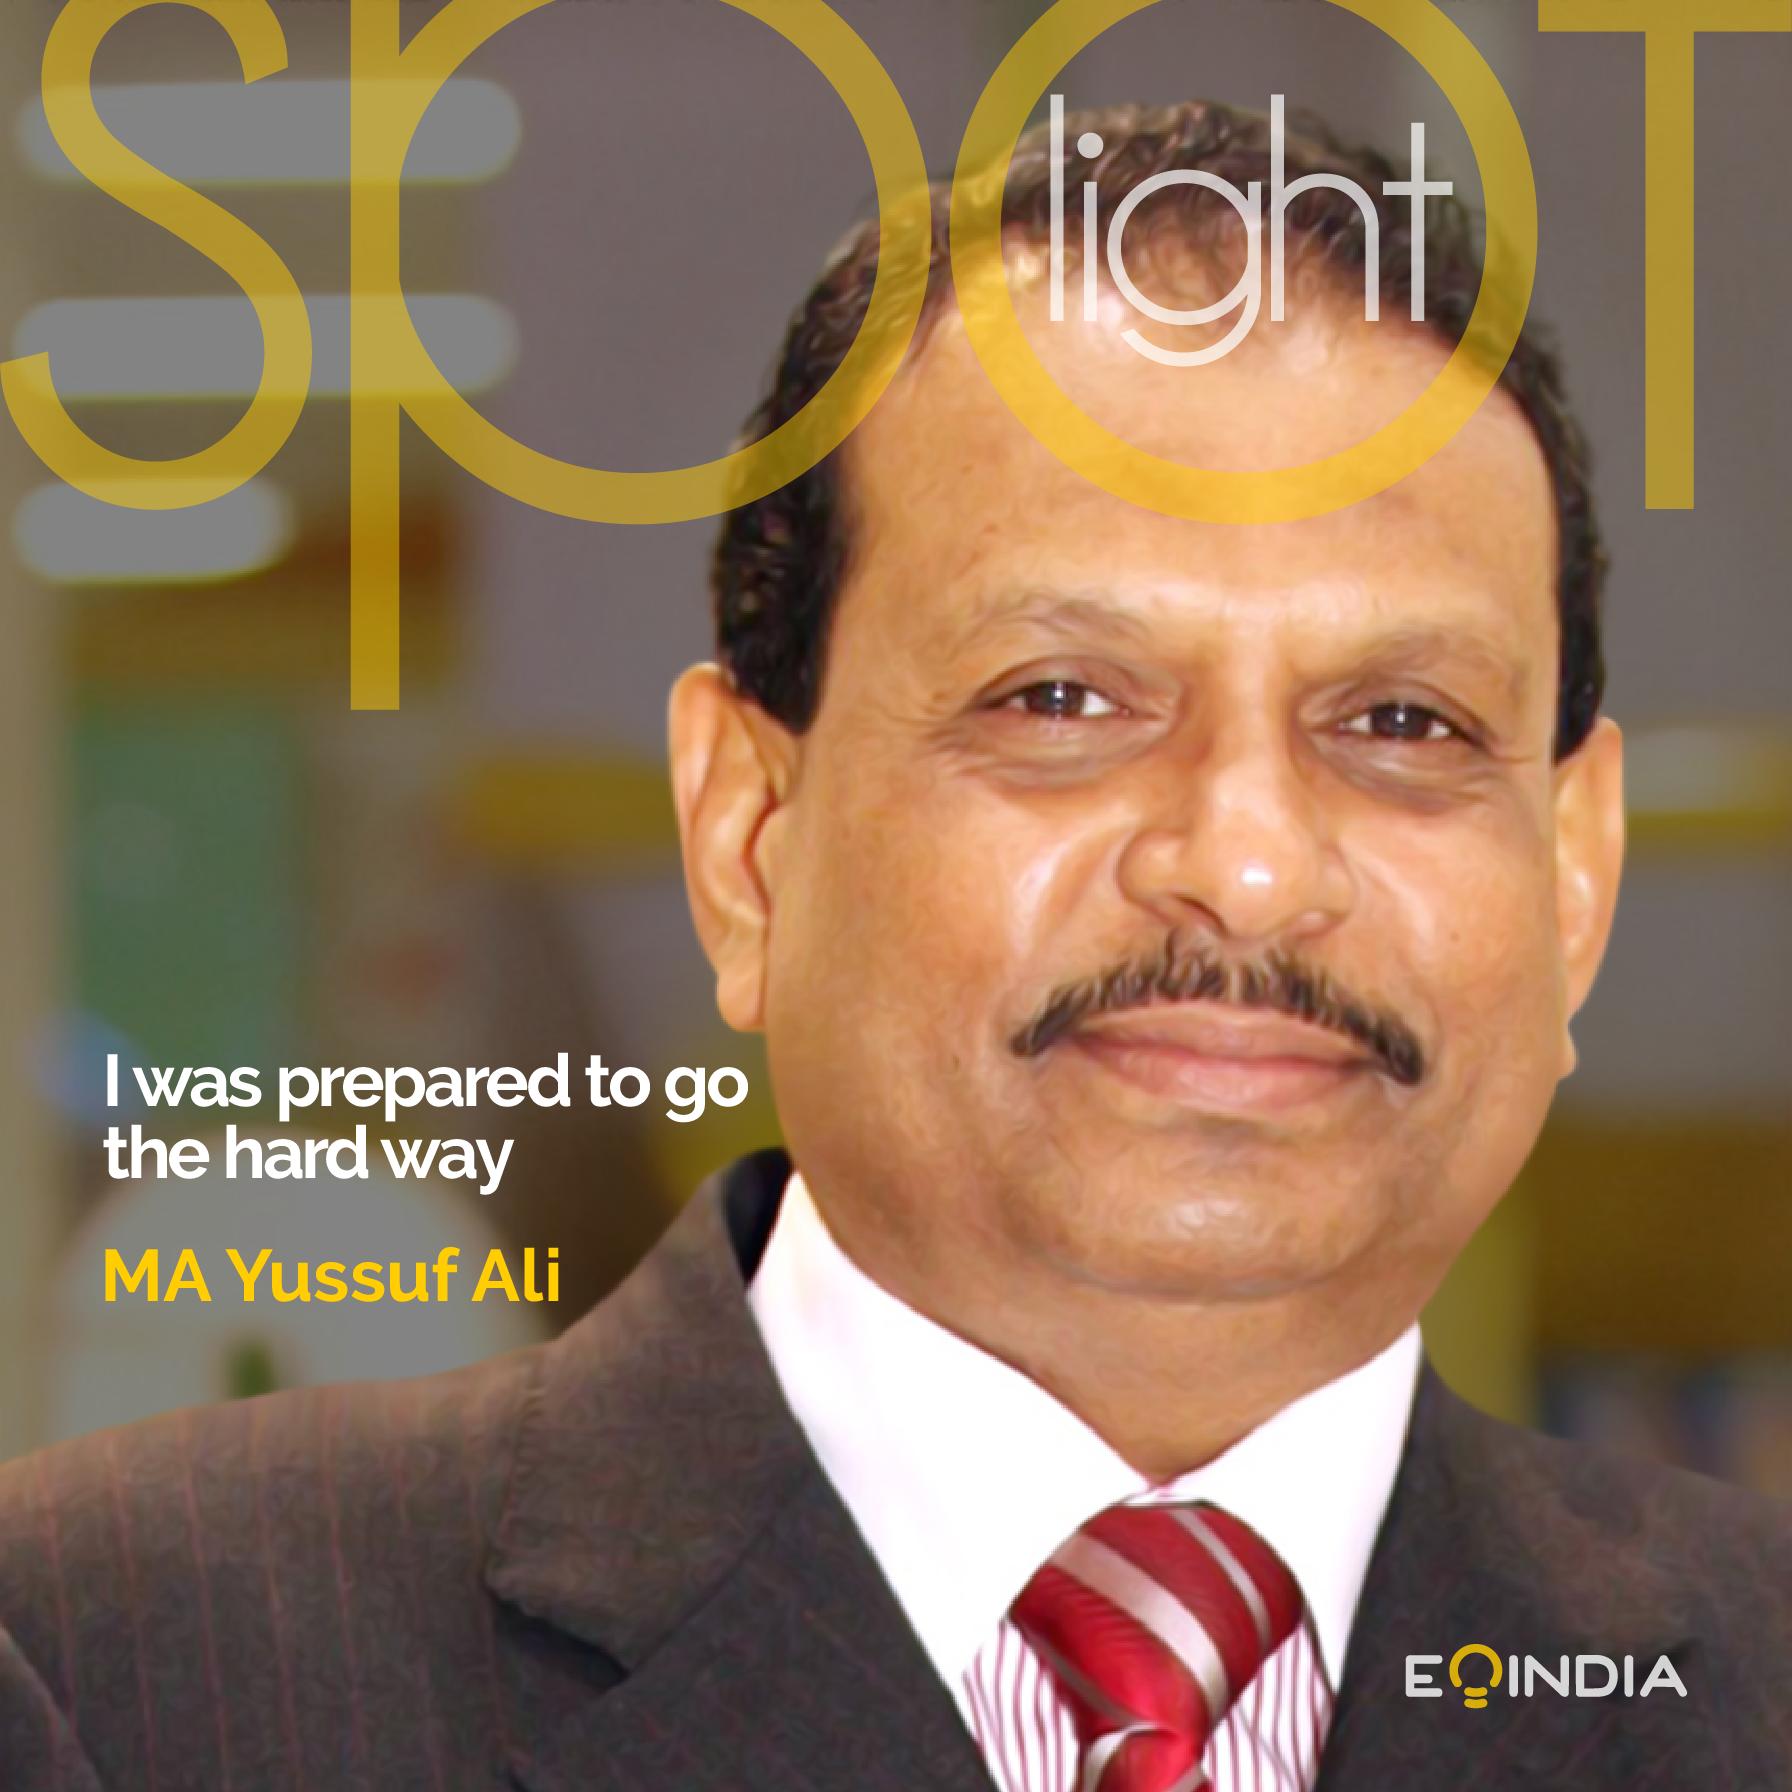 EOI Spotlight - Yussuf Ali